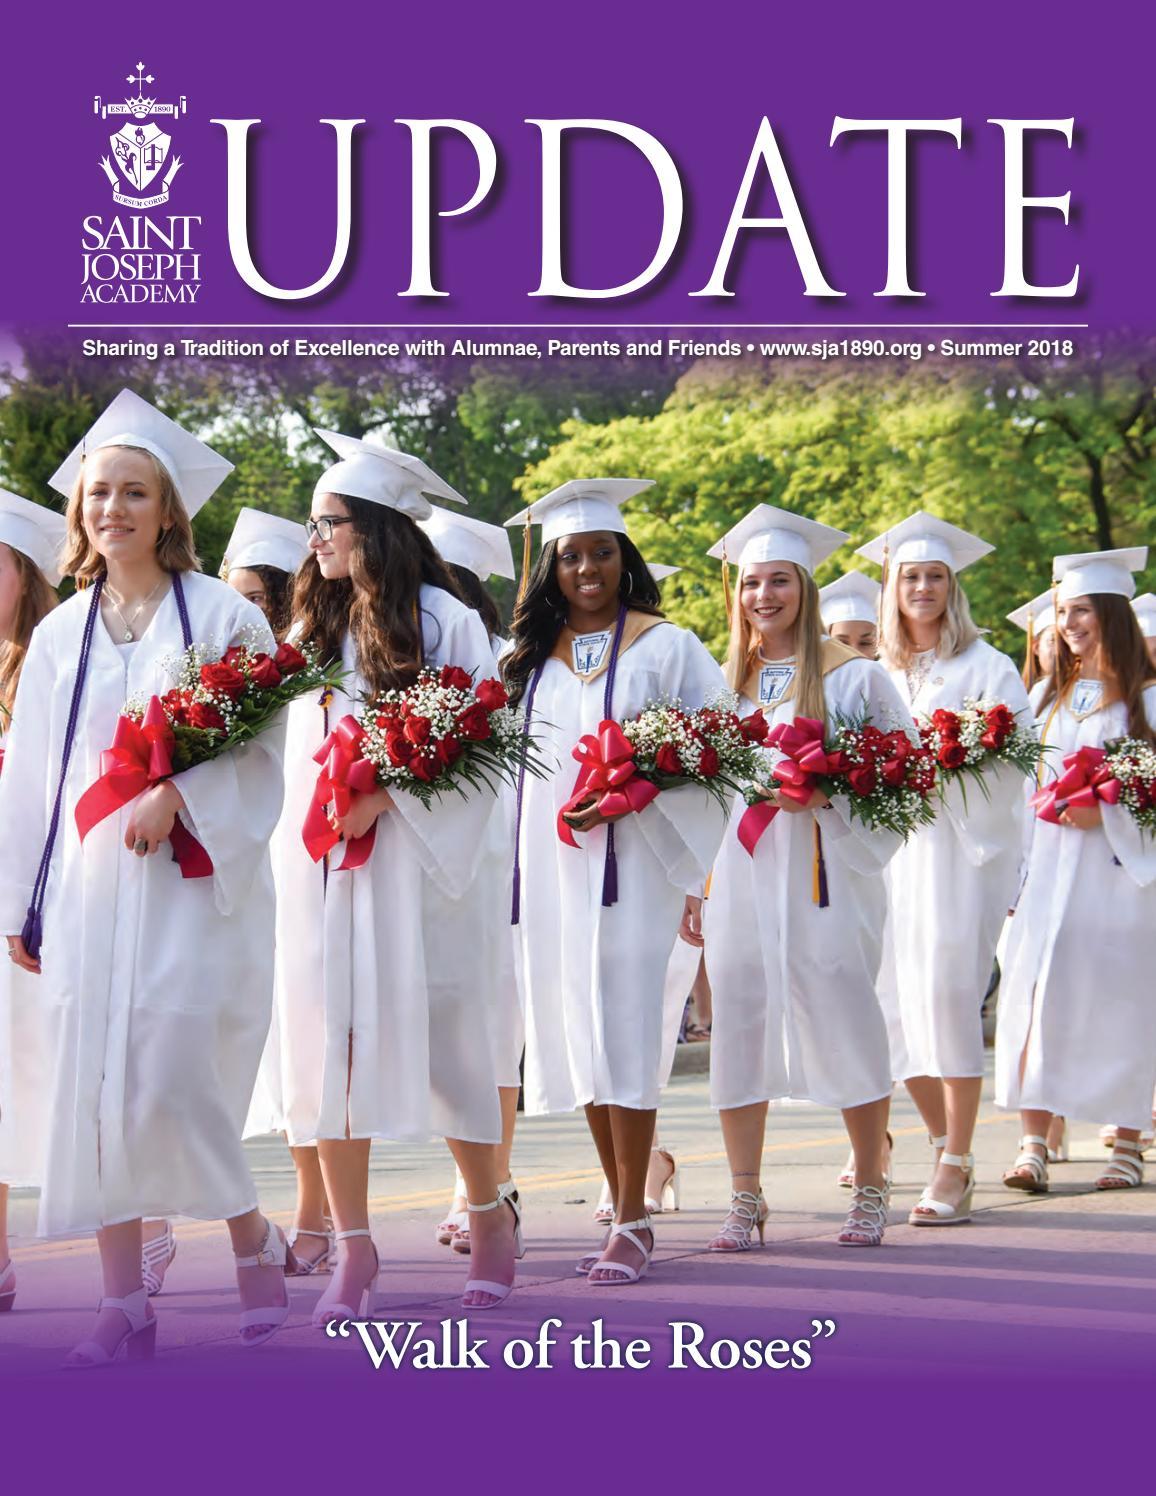 UPDATE Magazine: Summer 2018 by Saint Joseph Admin - issuu